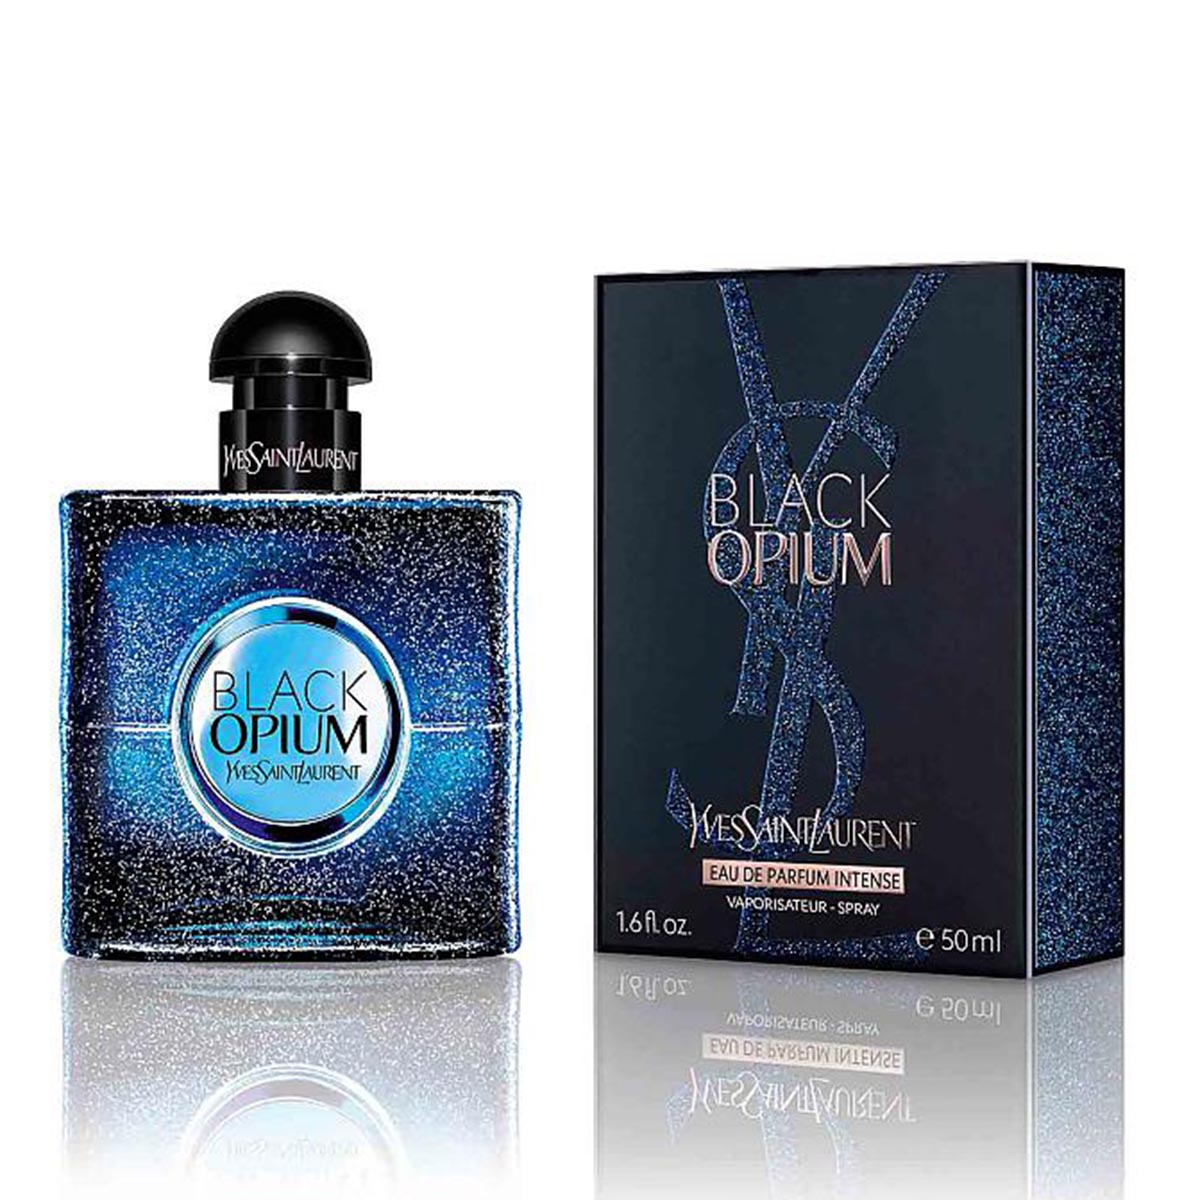 Yves saint laurent black opium eau de parfum intense 50ml vaporizador